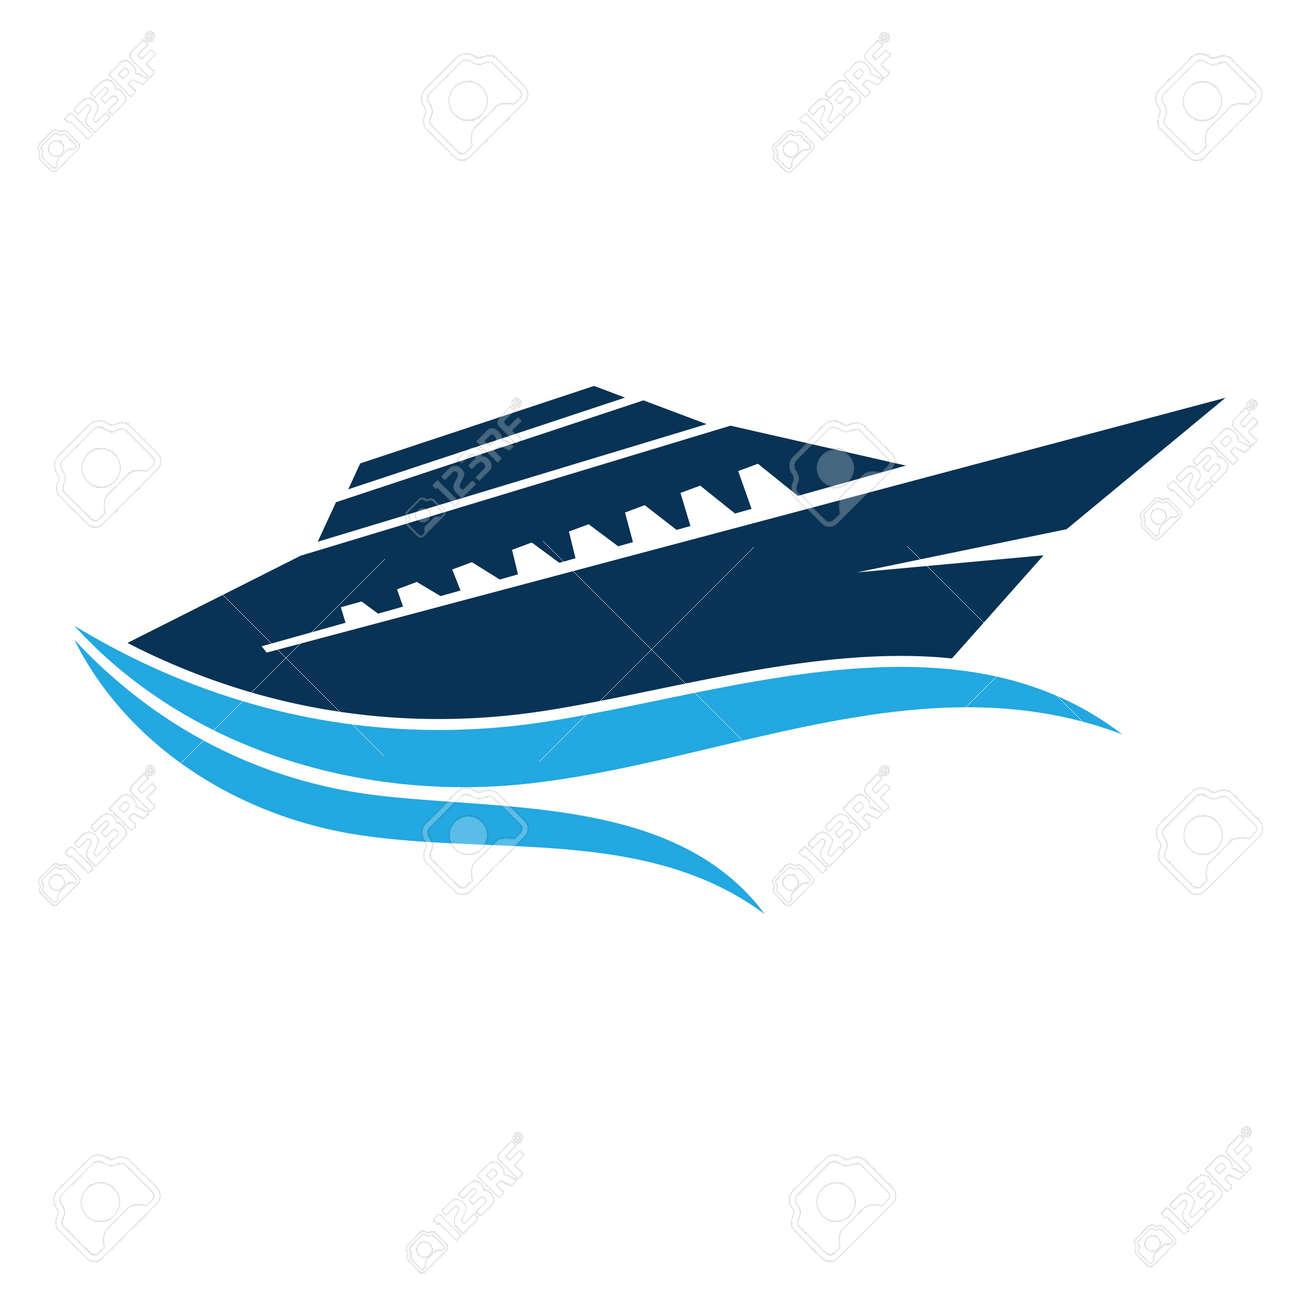 Cruise Ship Ocean Logo Template vector icon design - 138270048